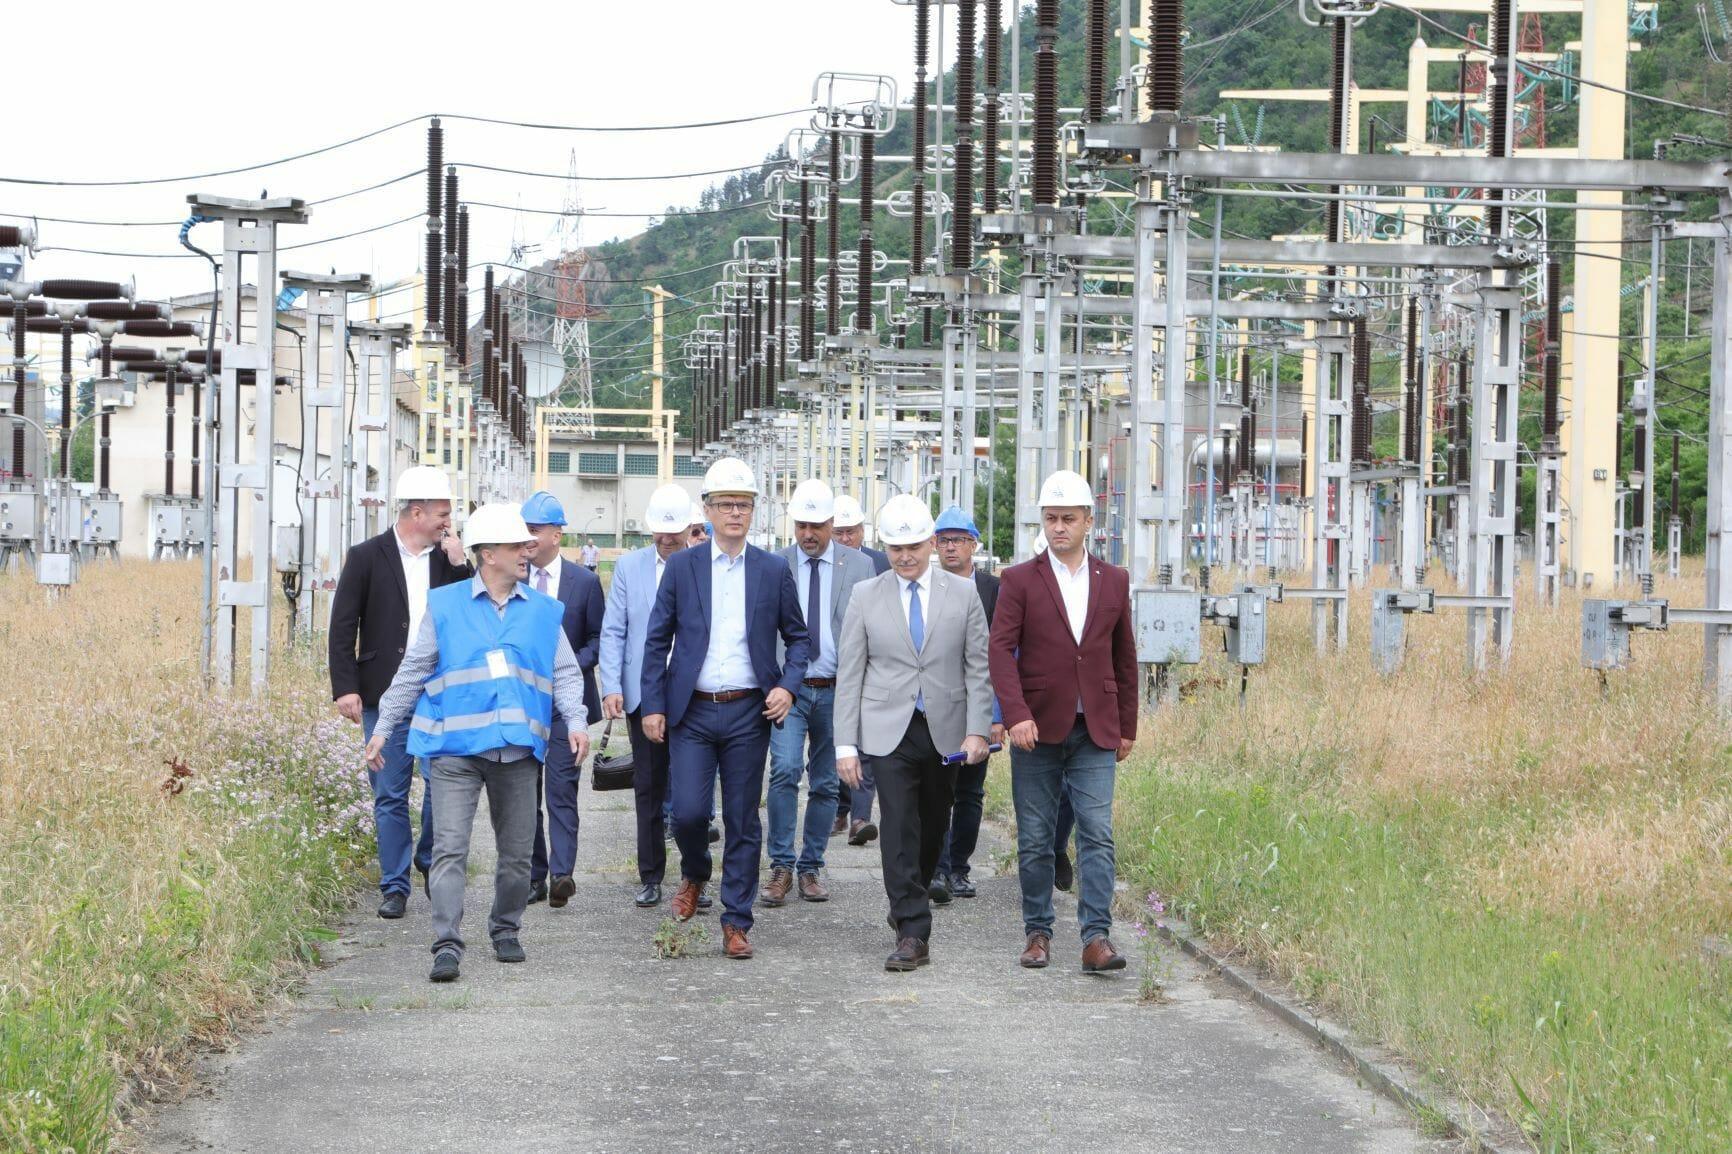 Transelectrica: Linia Electrică Aeriană de 400 kV Porţile de Fier – (Anina) – Reşiţa, investiţie de peste 122 de milioane de lei, este realizată în proporţie de 60%